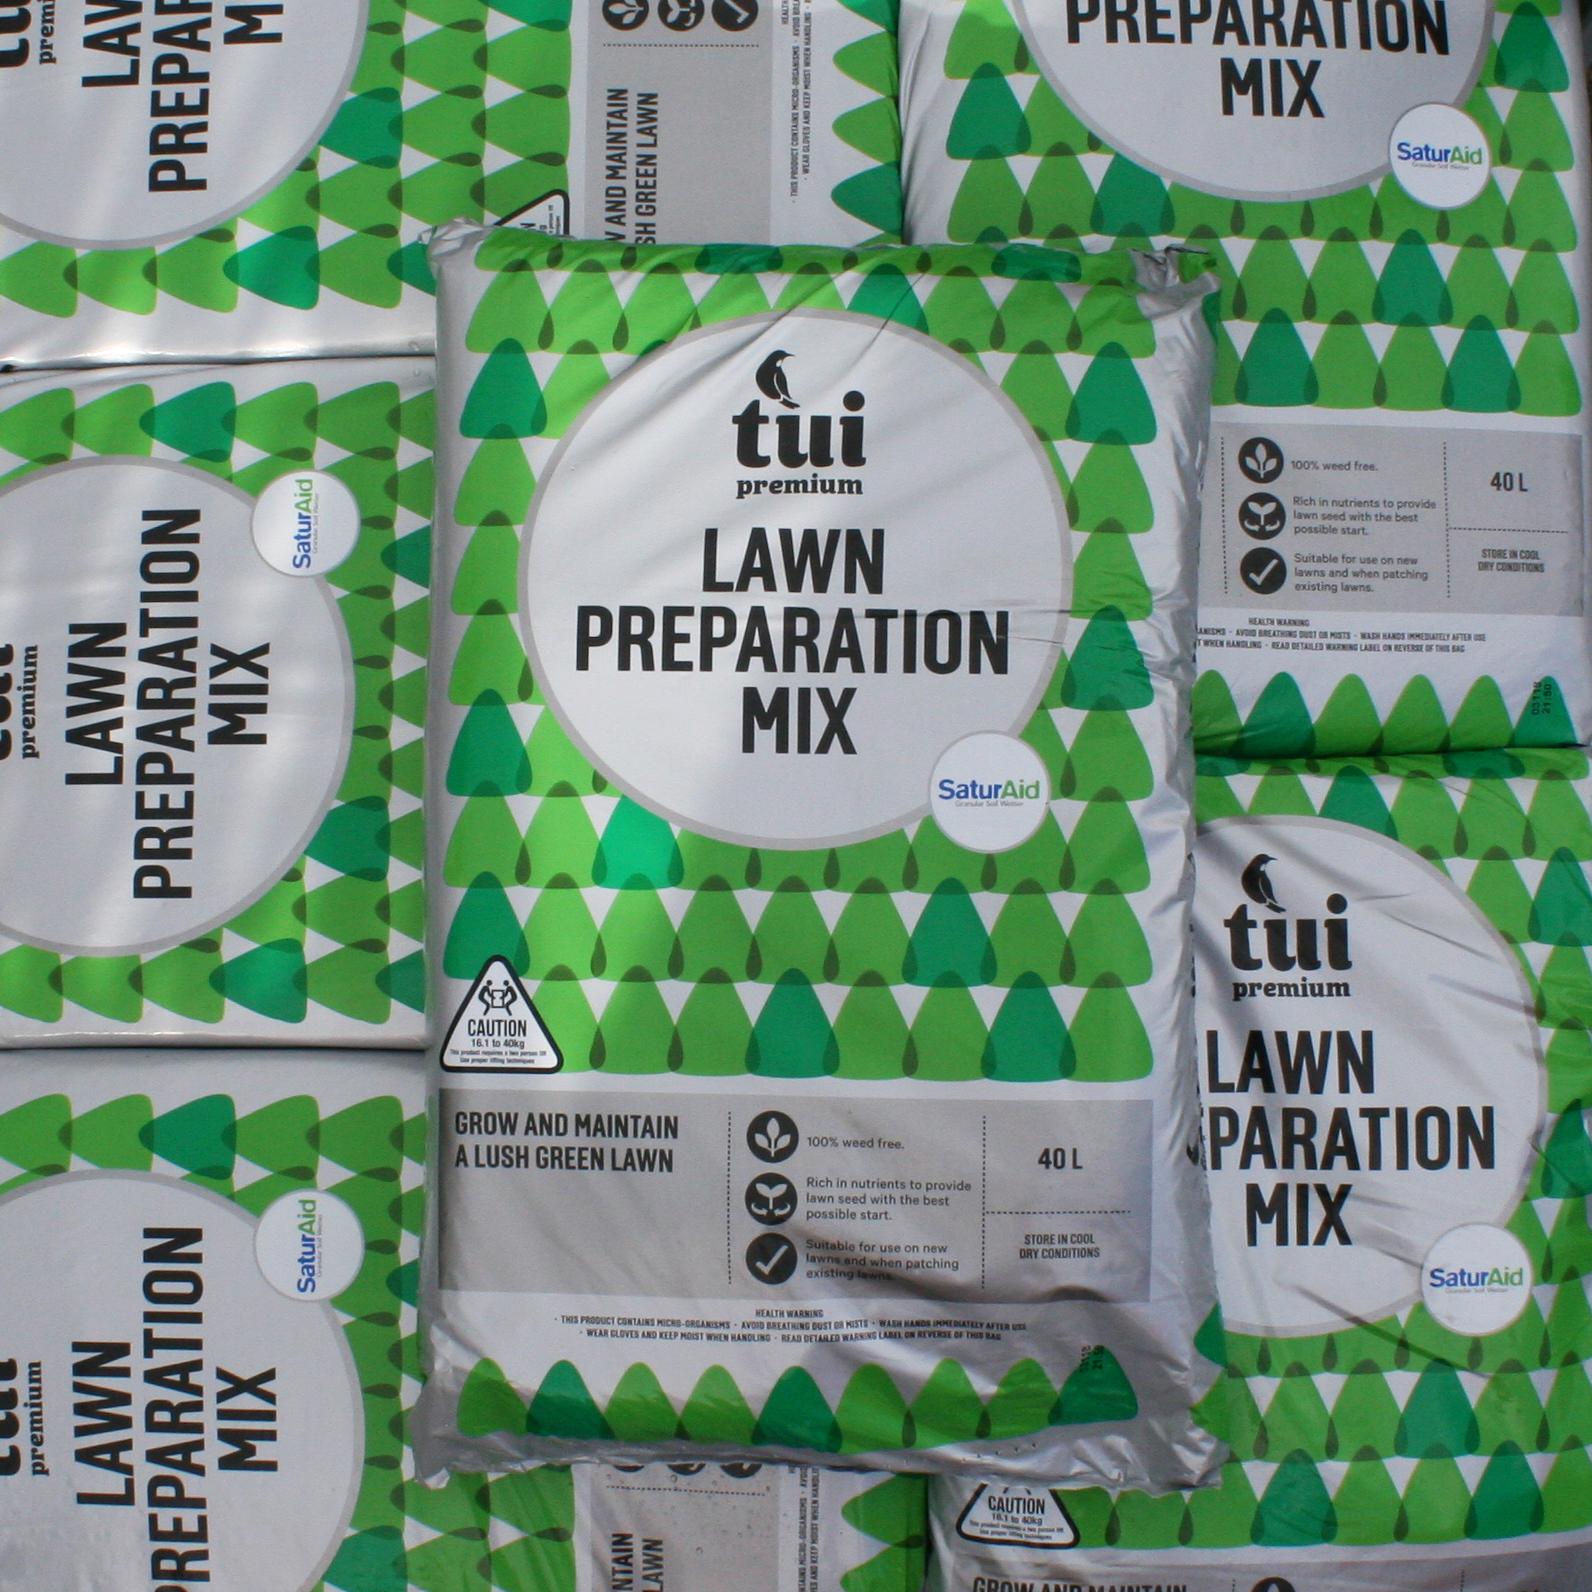 Tui Lawn Prep Mix 40L2 for $30 -